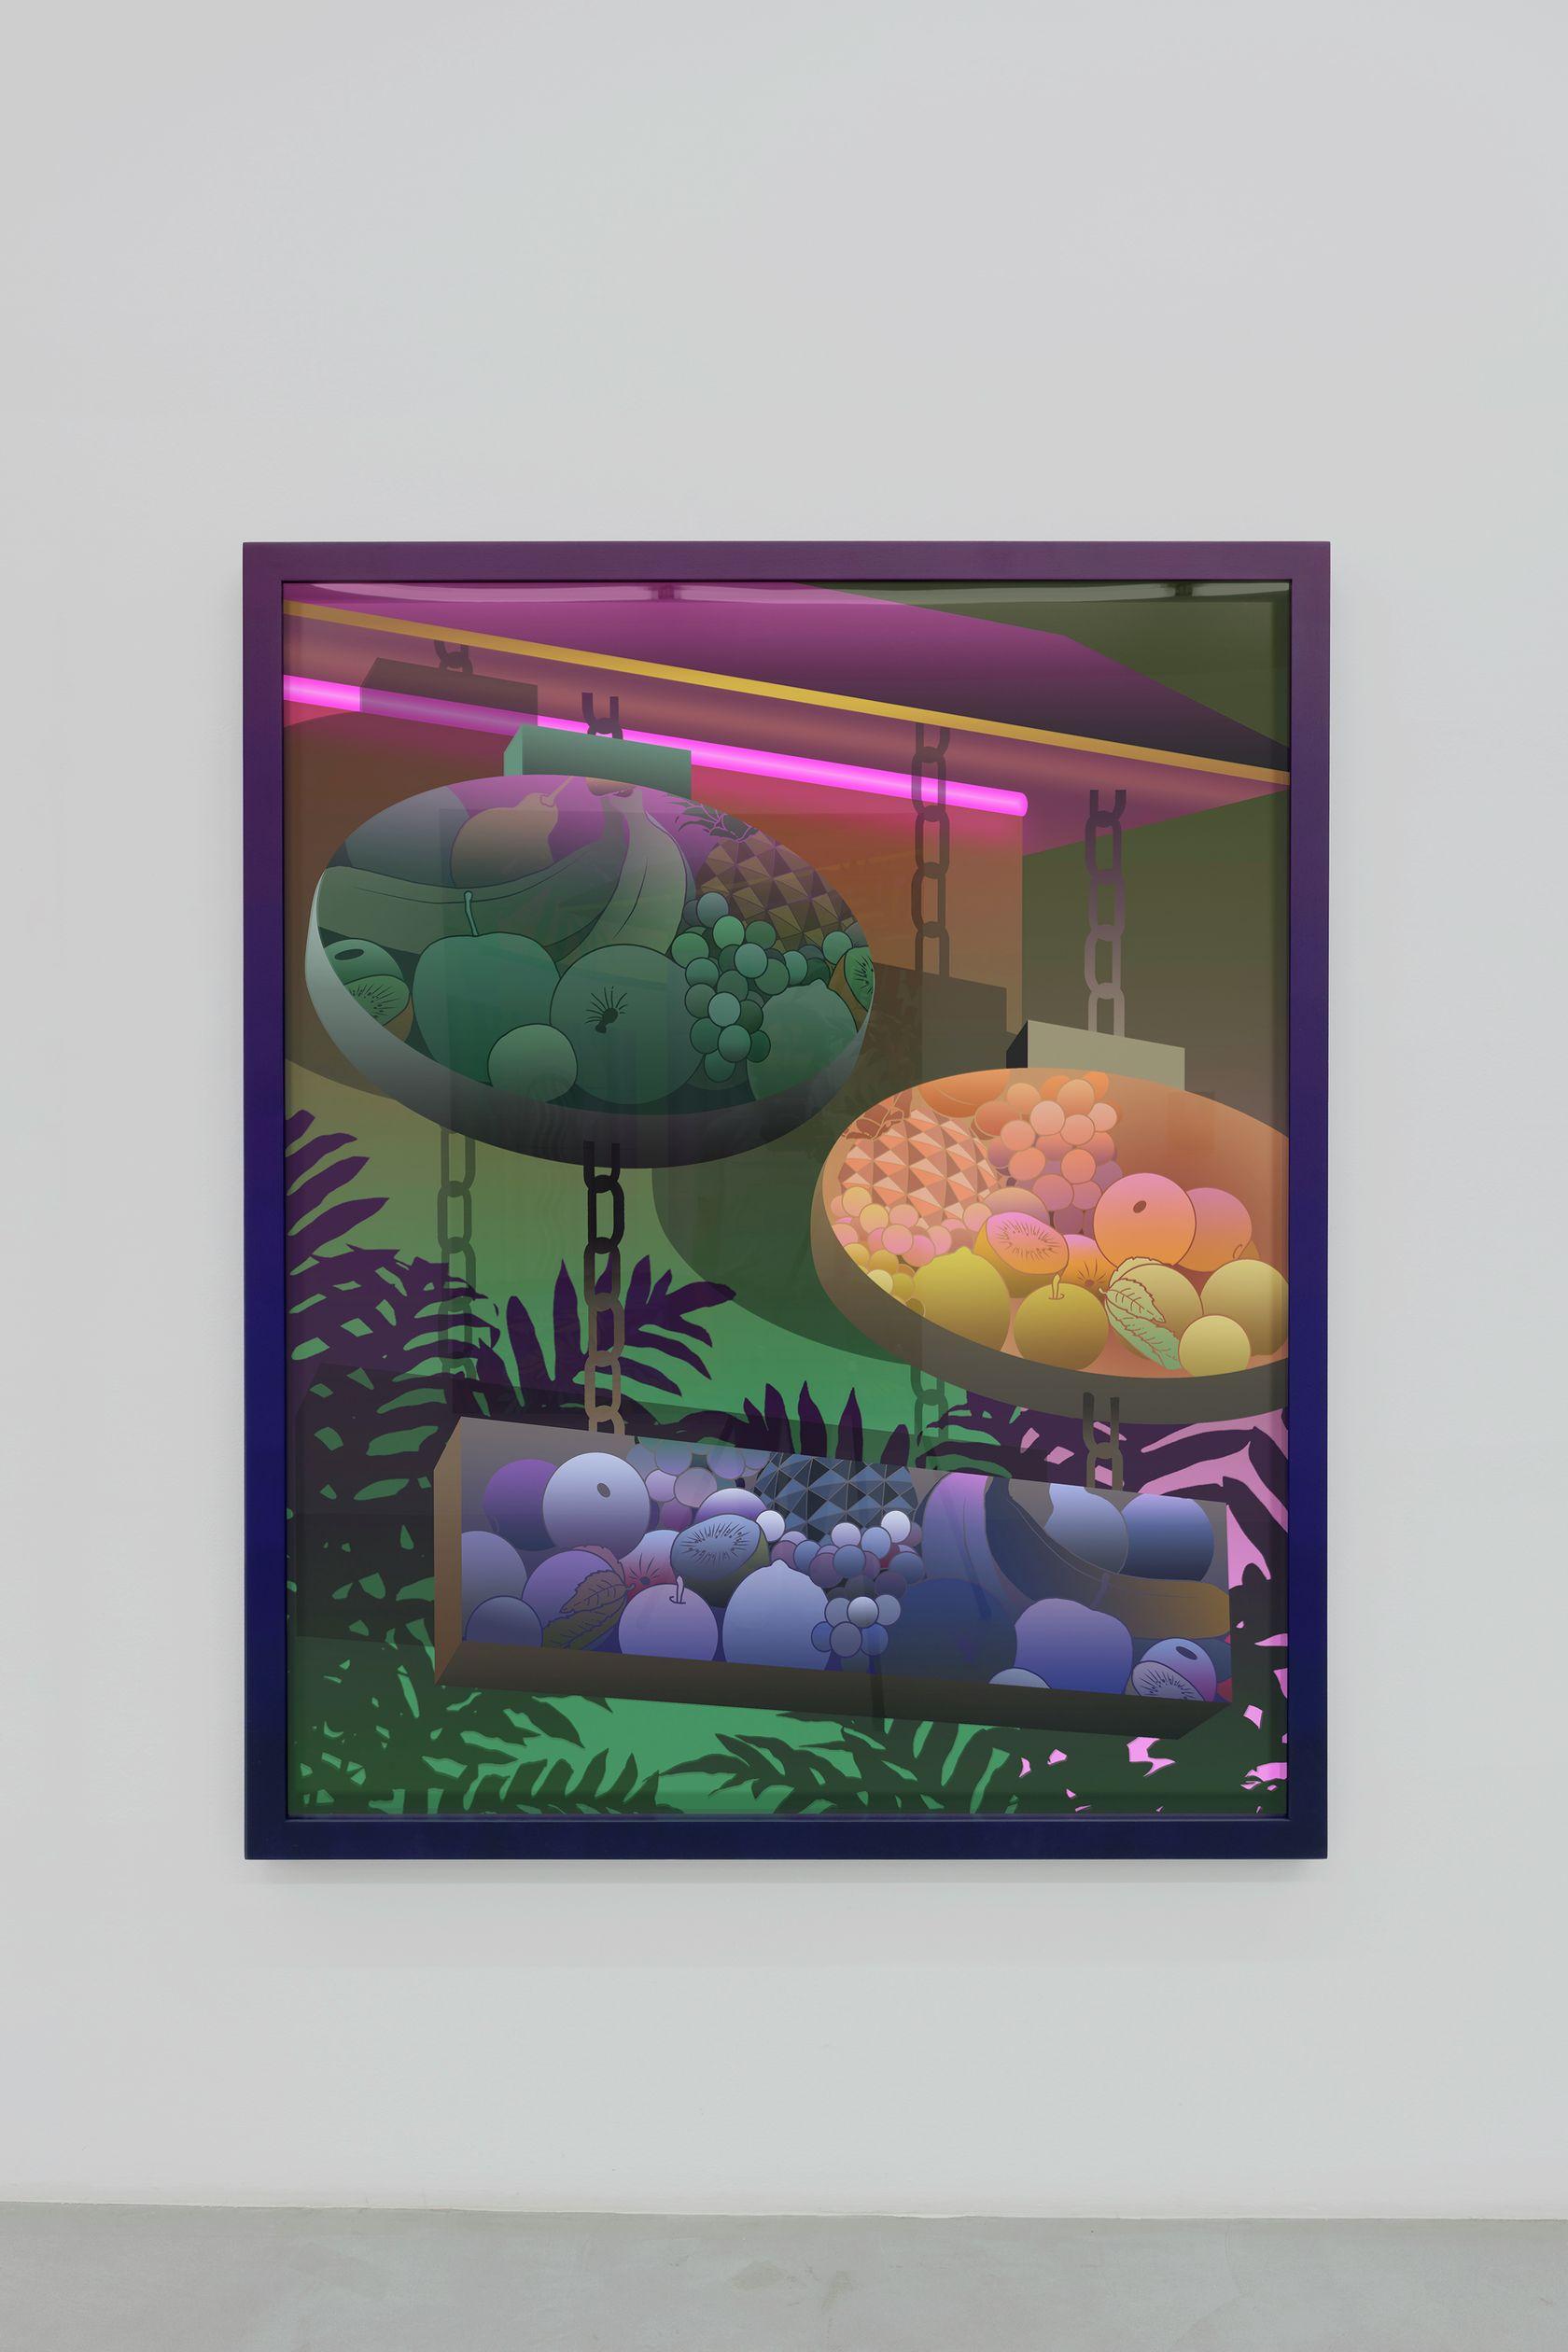 Amélie Bertrand, Vapeurs, 2018 Tirage argentique et cadre peint - pièce unique168.5 × 138.5 × 6 cm / 66 3/8 × 54 1/2 × 2 3/8 in.